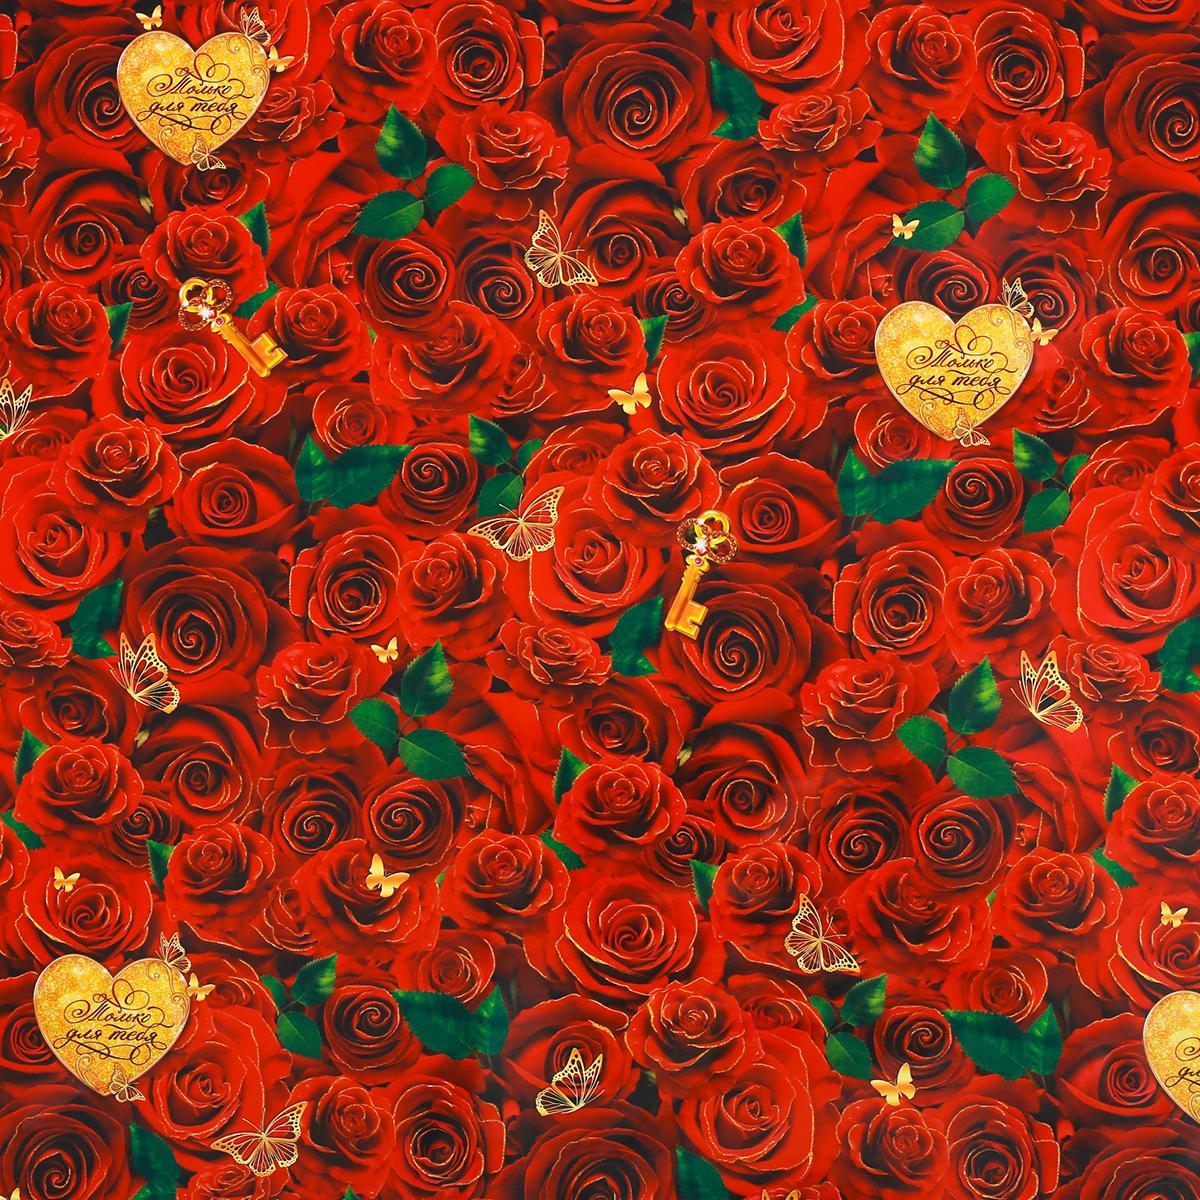 Бумага упаковочная Дарите счастье Розы для тебя, глянцевая, 70 х 100 см. 28620892862089Любой подарок начинается с упаковки. Что может быть трогательнее и волшебнее, чем ритуал разворачивания полученного презента. И именно оригинальная, со вкусом выбранная упаковка выделит ваш подарок из массы других. Она продемонстрирует самые тёплые чувства к виновнику торжества и создаст сказочную атмосферу праздника. Бумага упаковочная глянцевая Розы для тебя 70 х100 см — это то, что вы искали.